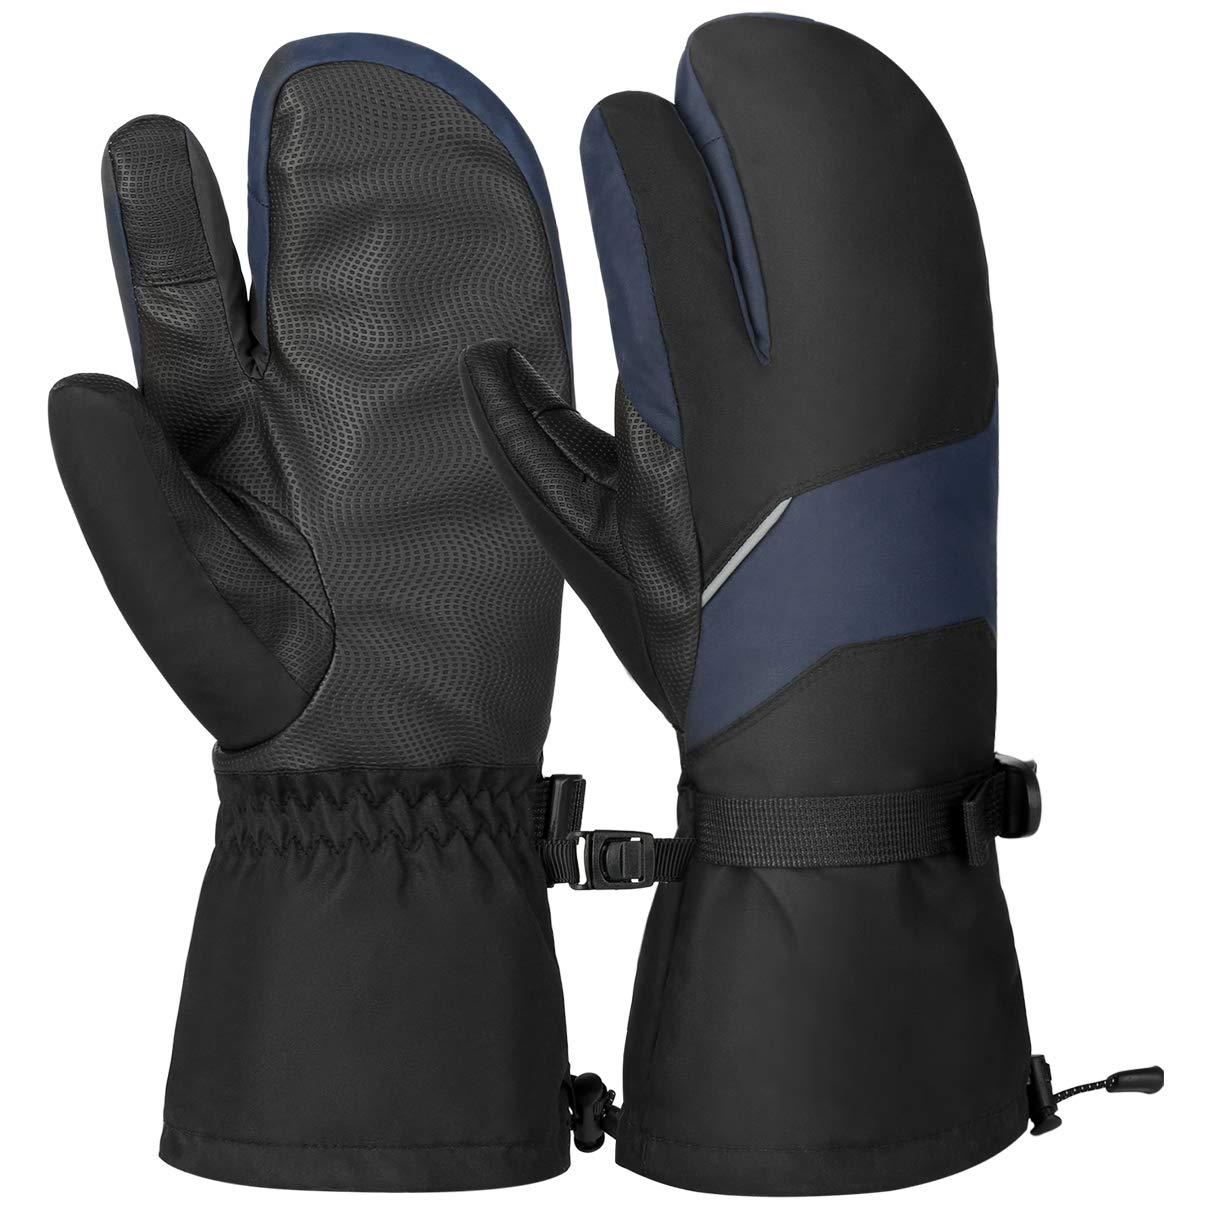 VBIGER Gants Ski Hiver Chaud Moufle Sport Velo pour Hommes Femmes product image